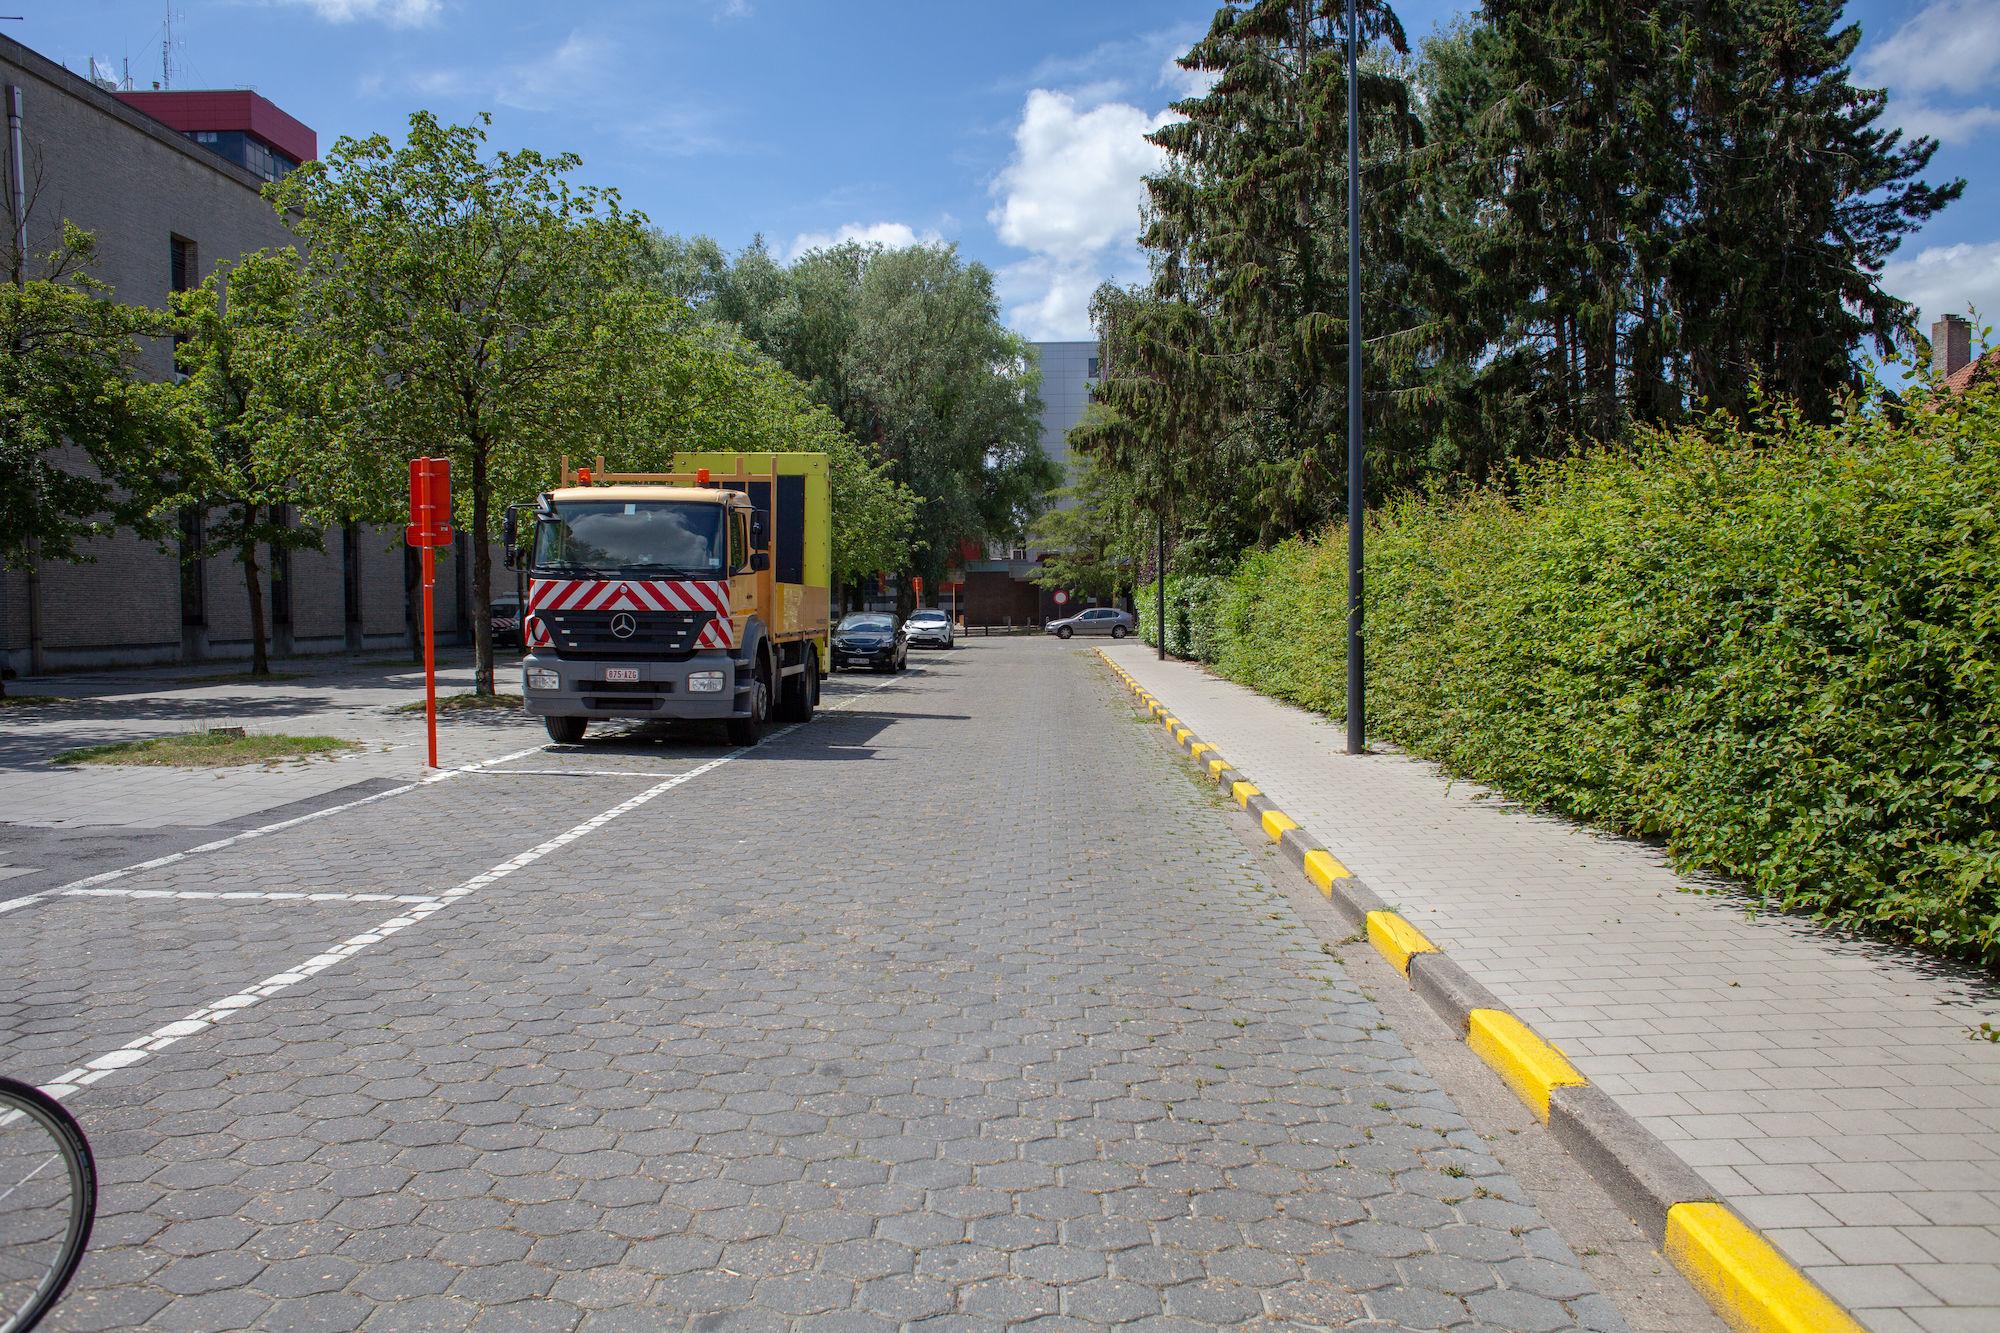 2019-07-01 Nieuw Gent prospectie met Wannes_stadsvernieuwing_IMG_0162-3.jpg